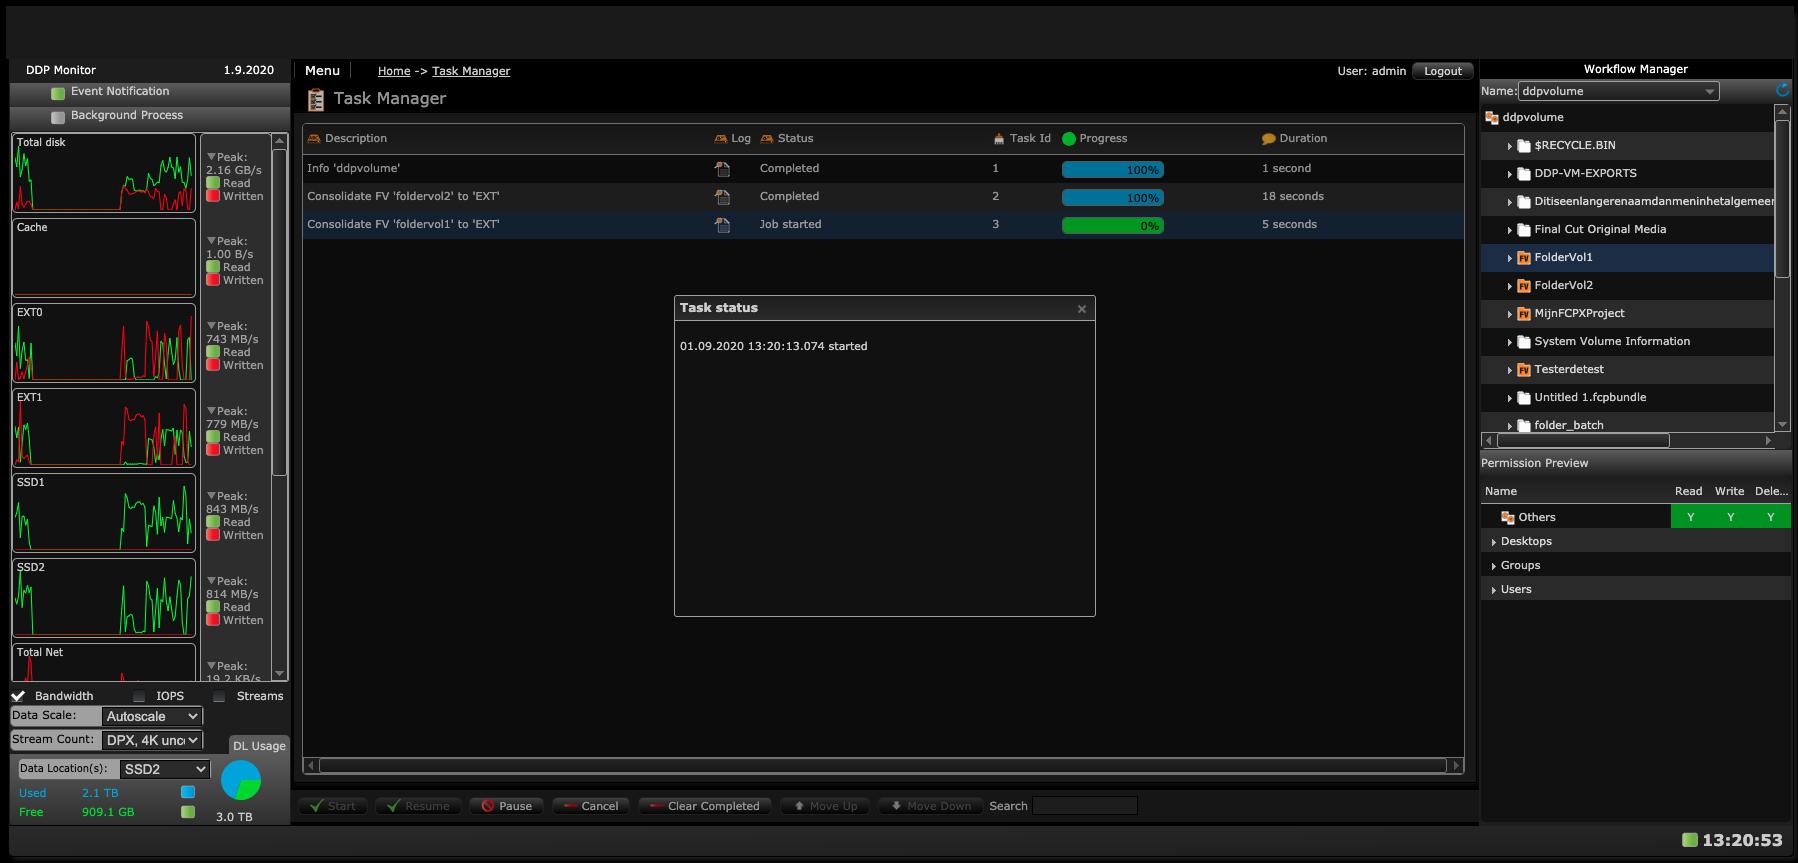 AVFS Task Manager screen